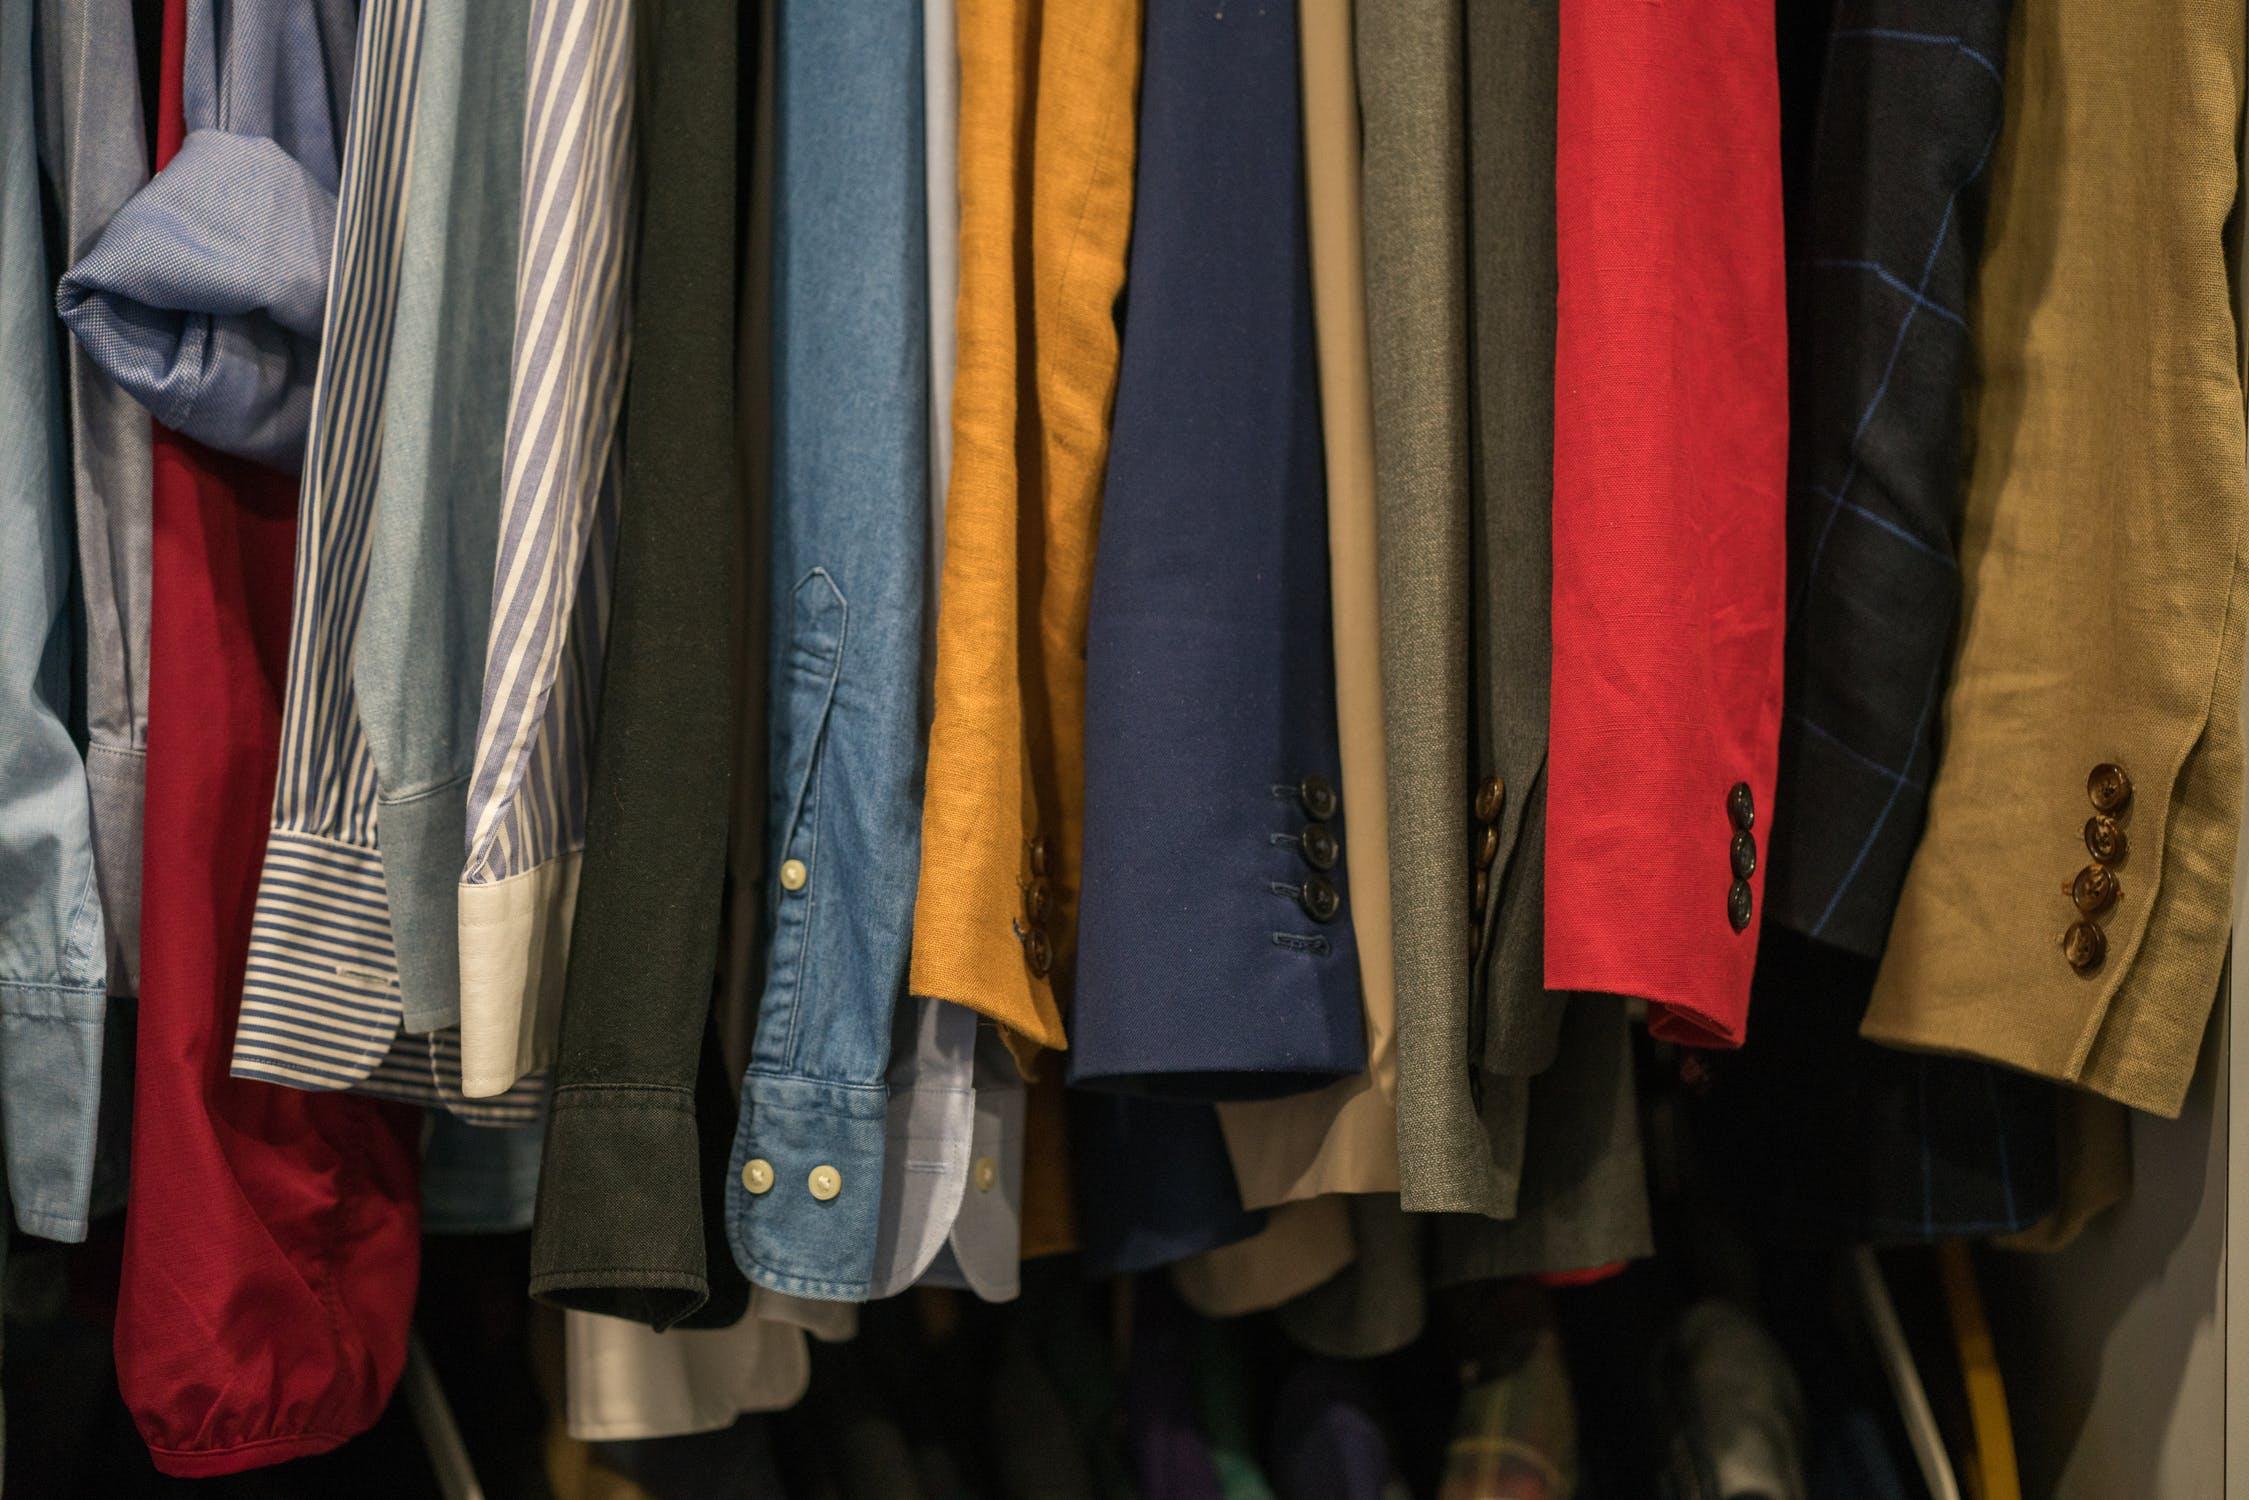 法国国家循环经济研究所:纺织品循环再利用要从产品设计端开始